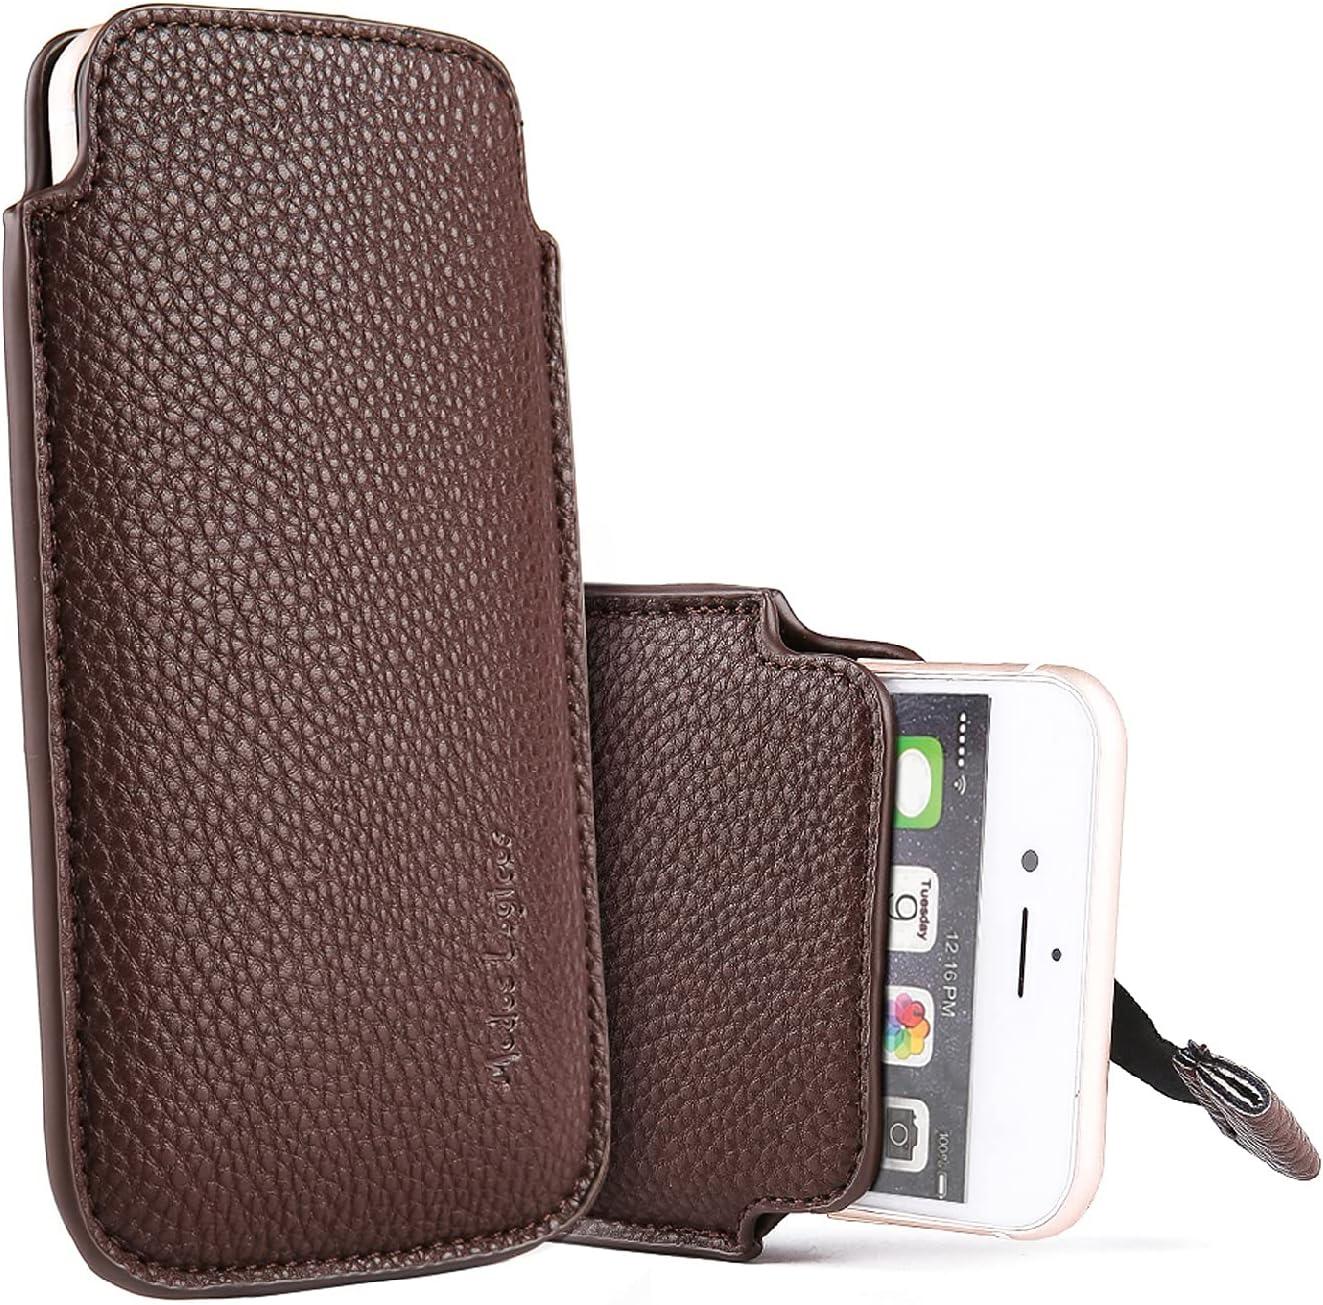 Apple iPhone 8 Plus/iPhone 7 Plus/iPhone 6 Plus/iPhone 6S Plus 5.5